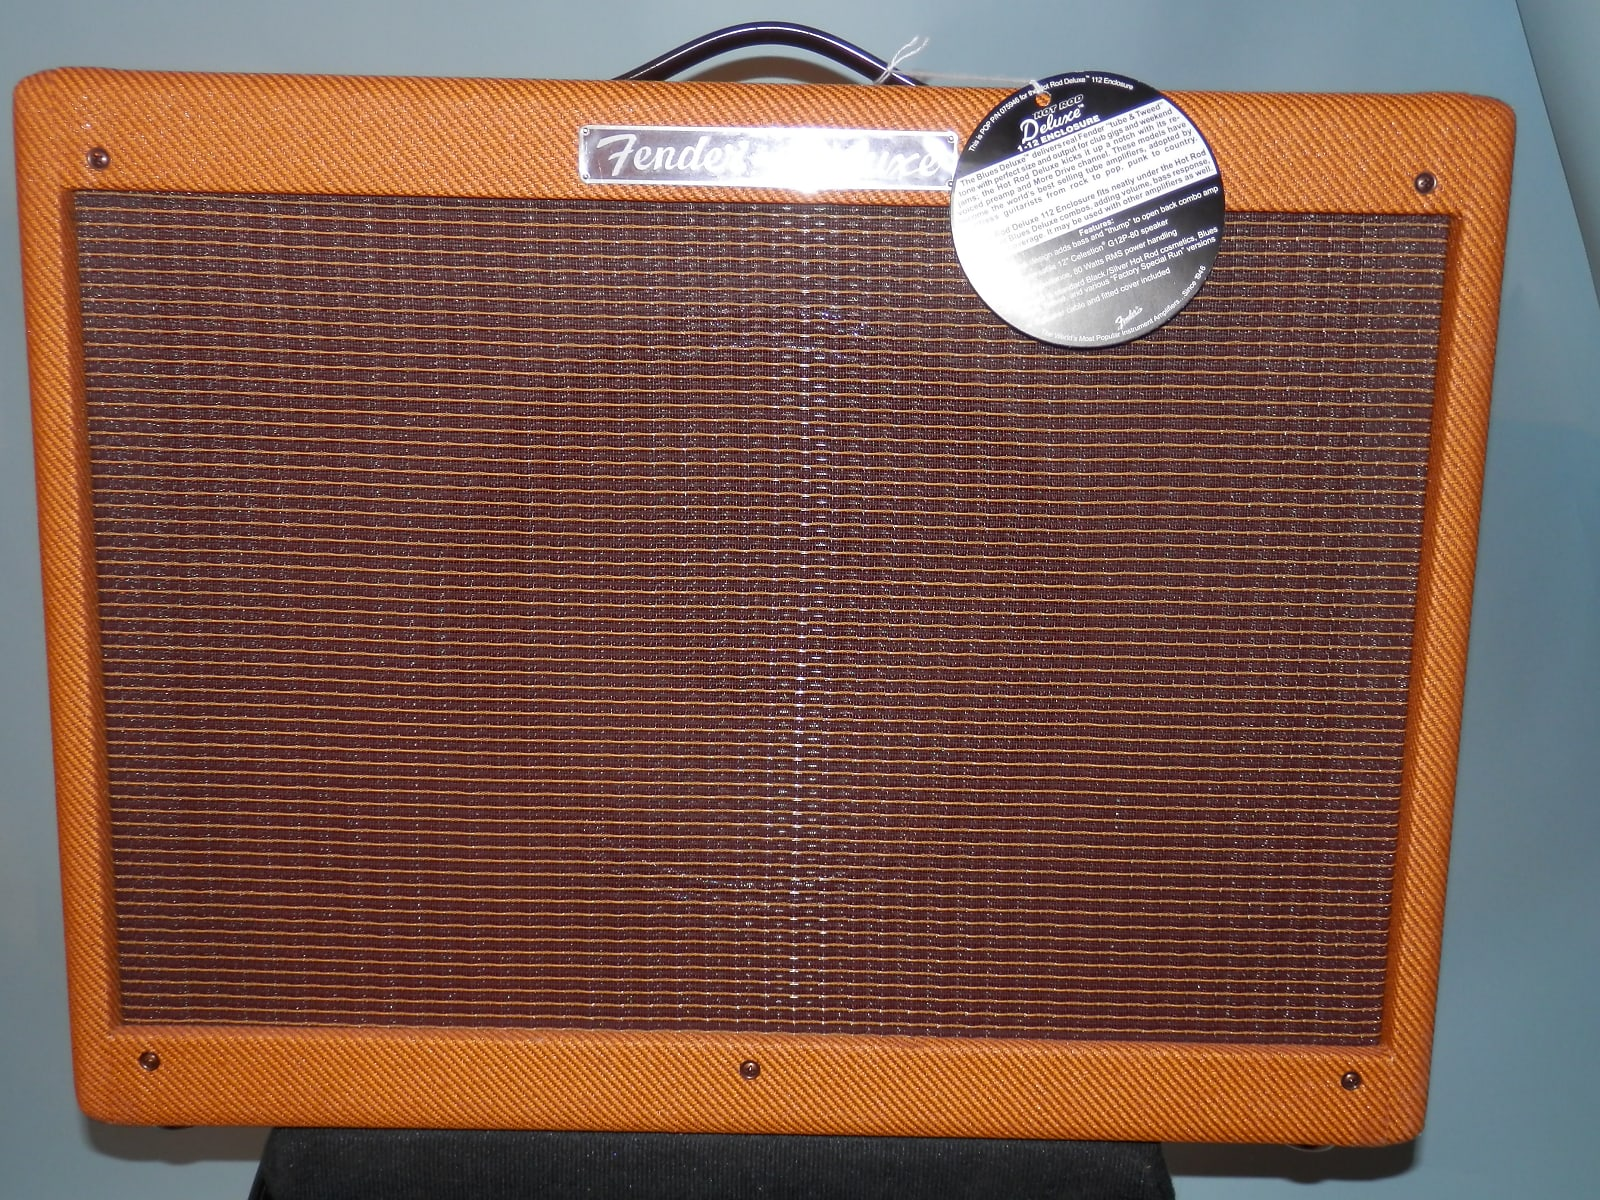 Fender 80-watt 1x12